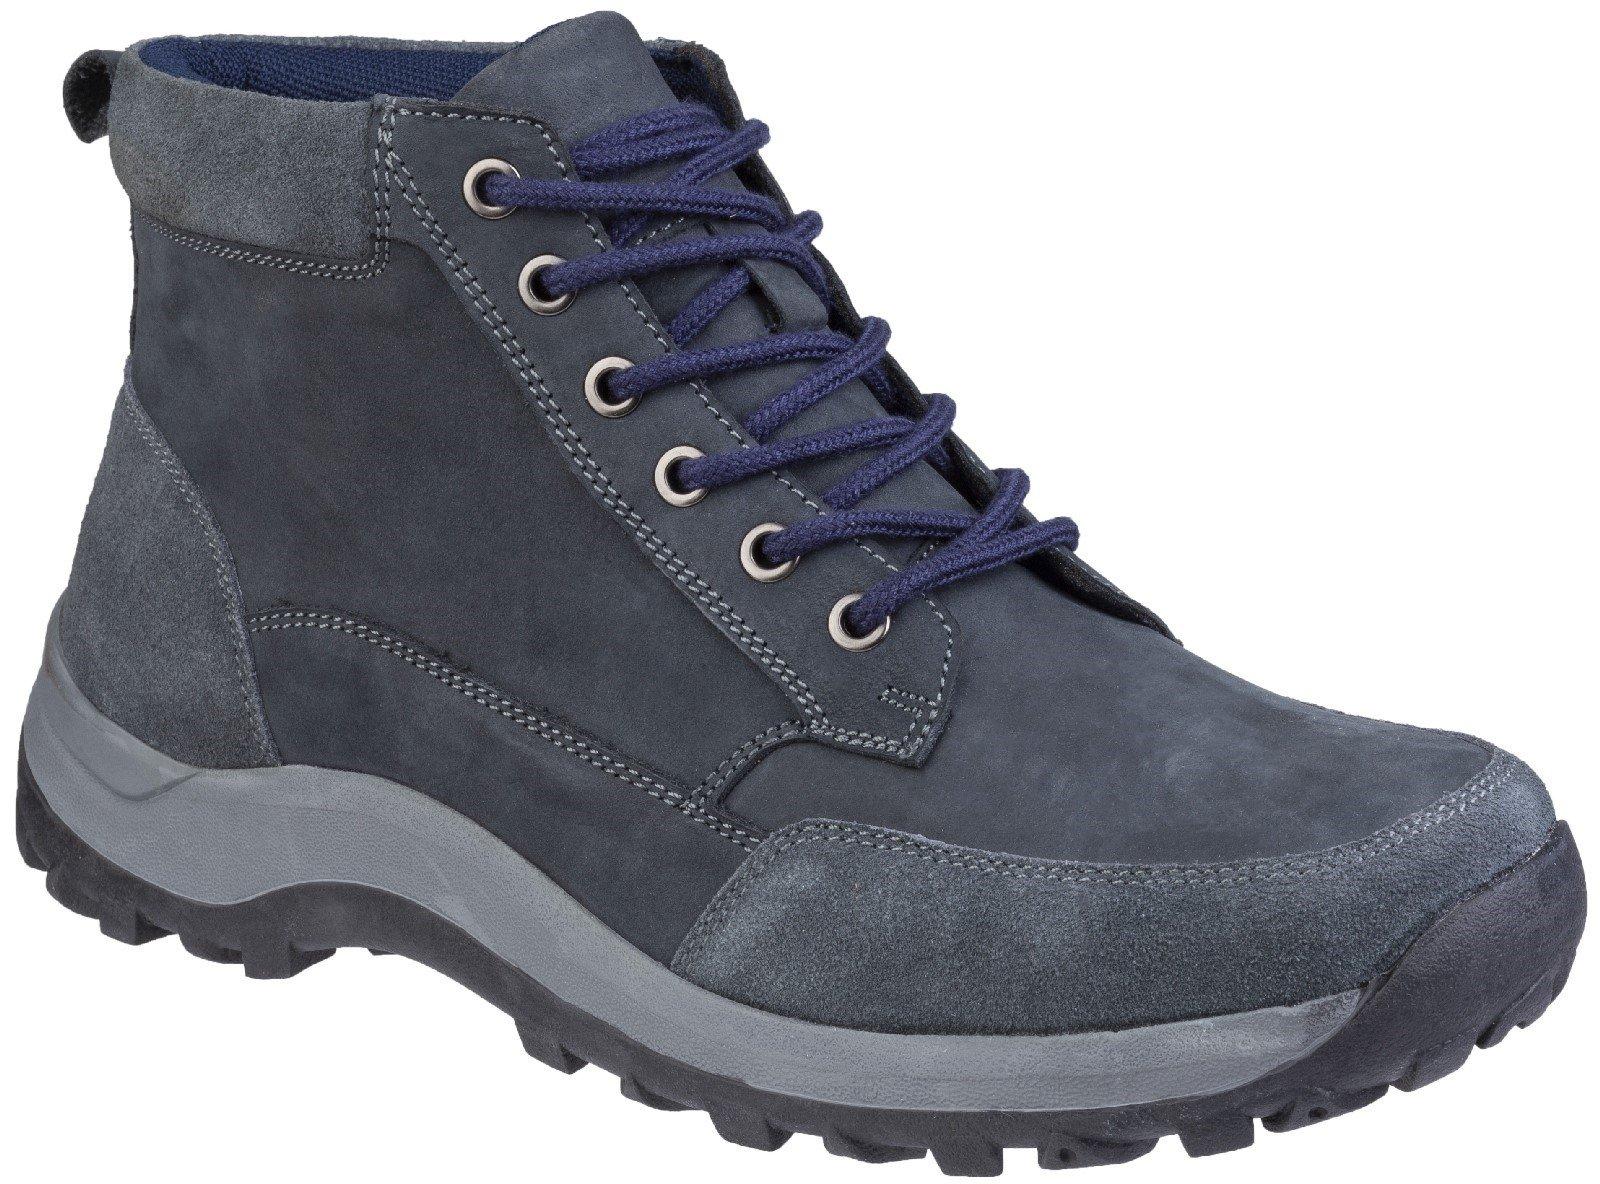 Cotswold Men's Slad Lace Up Boot Various Colours 27136 - Navy 6.5